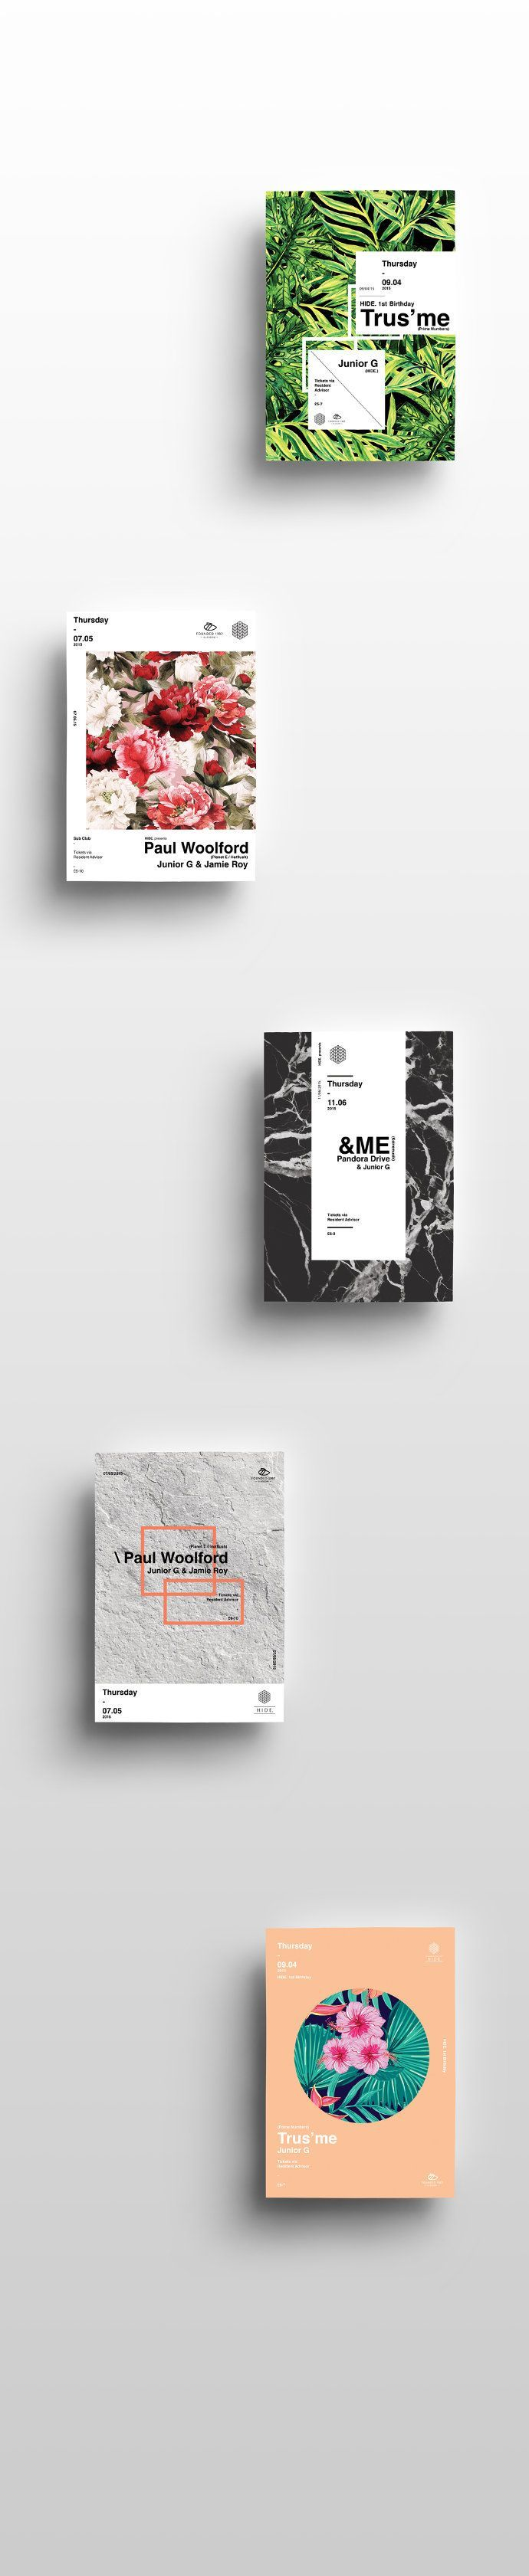 Diseño Gráfico y Dirección de Arte por Caterina Bianchini / Diseño editorial, revista, arte